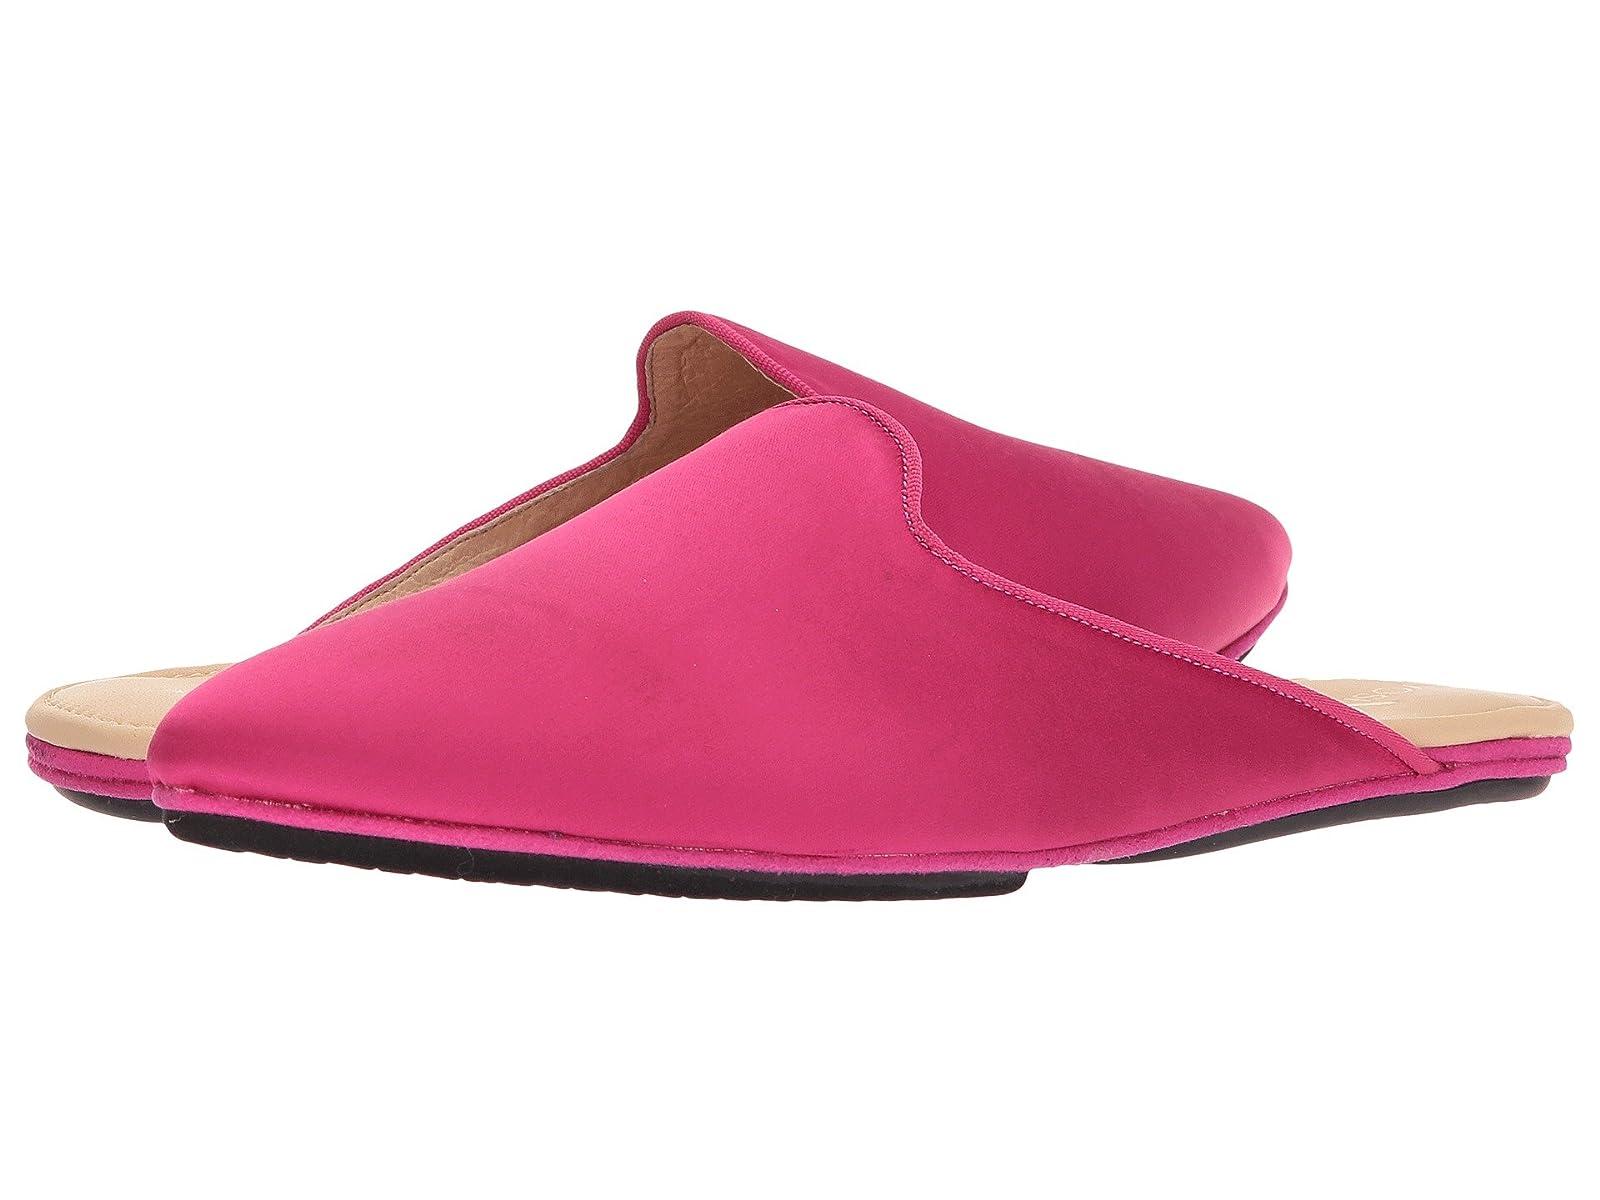 Yosi Samra Vidi MuleCheap and distinctive eye-catching shoes